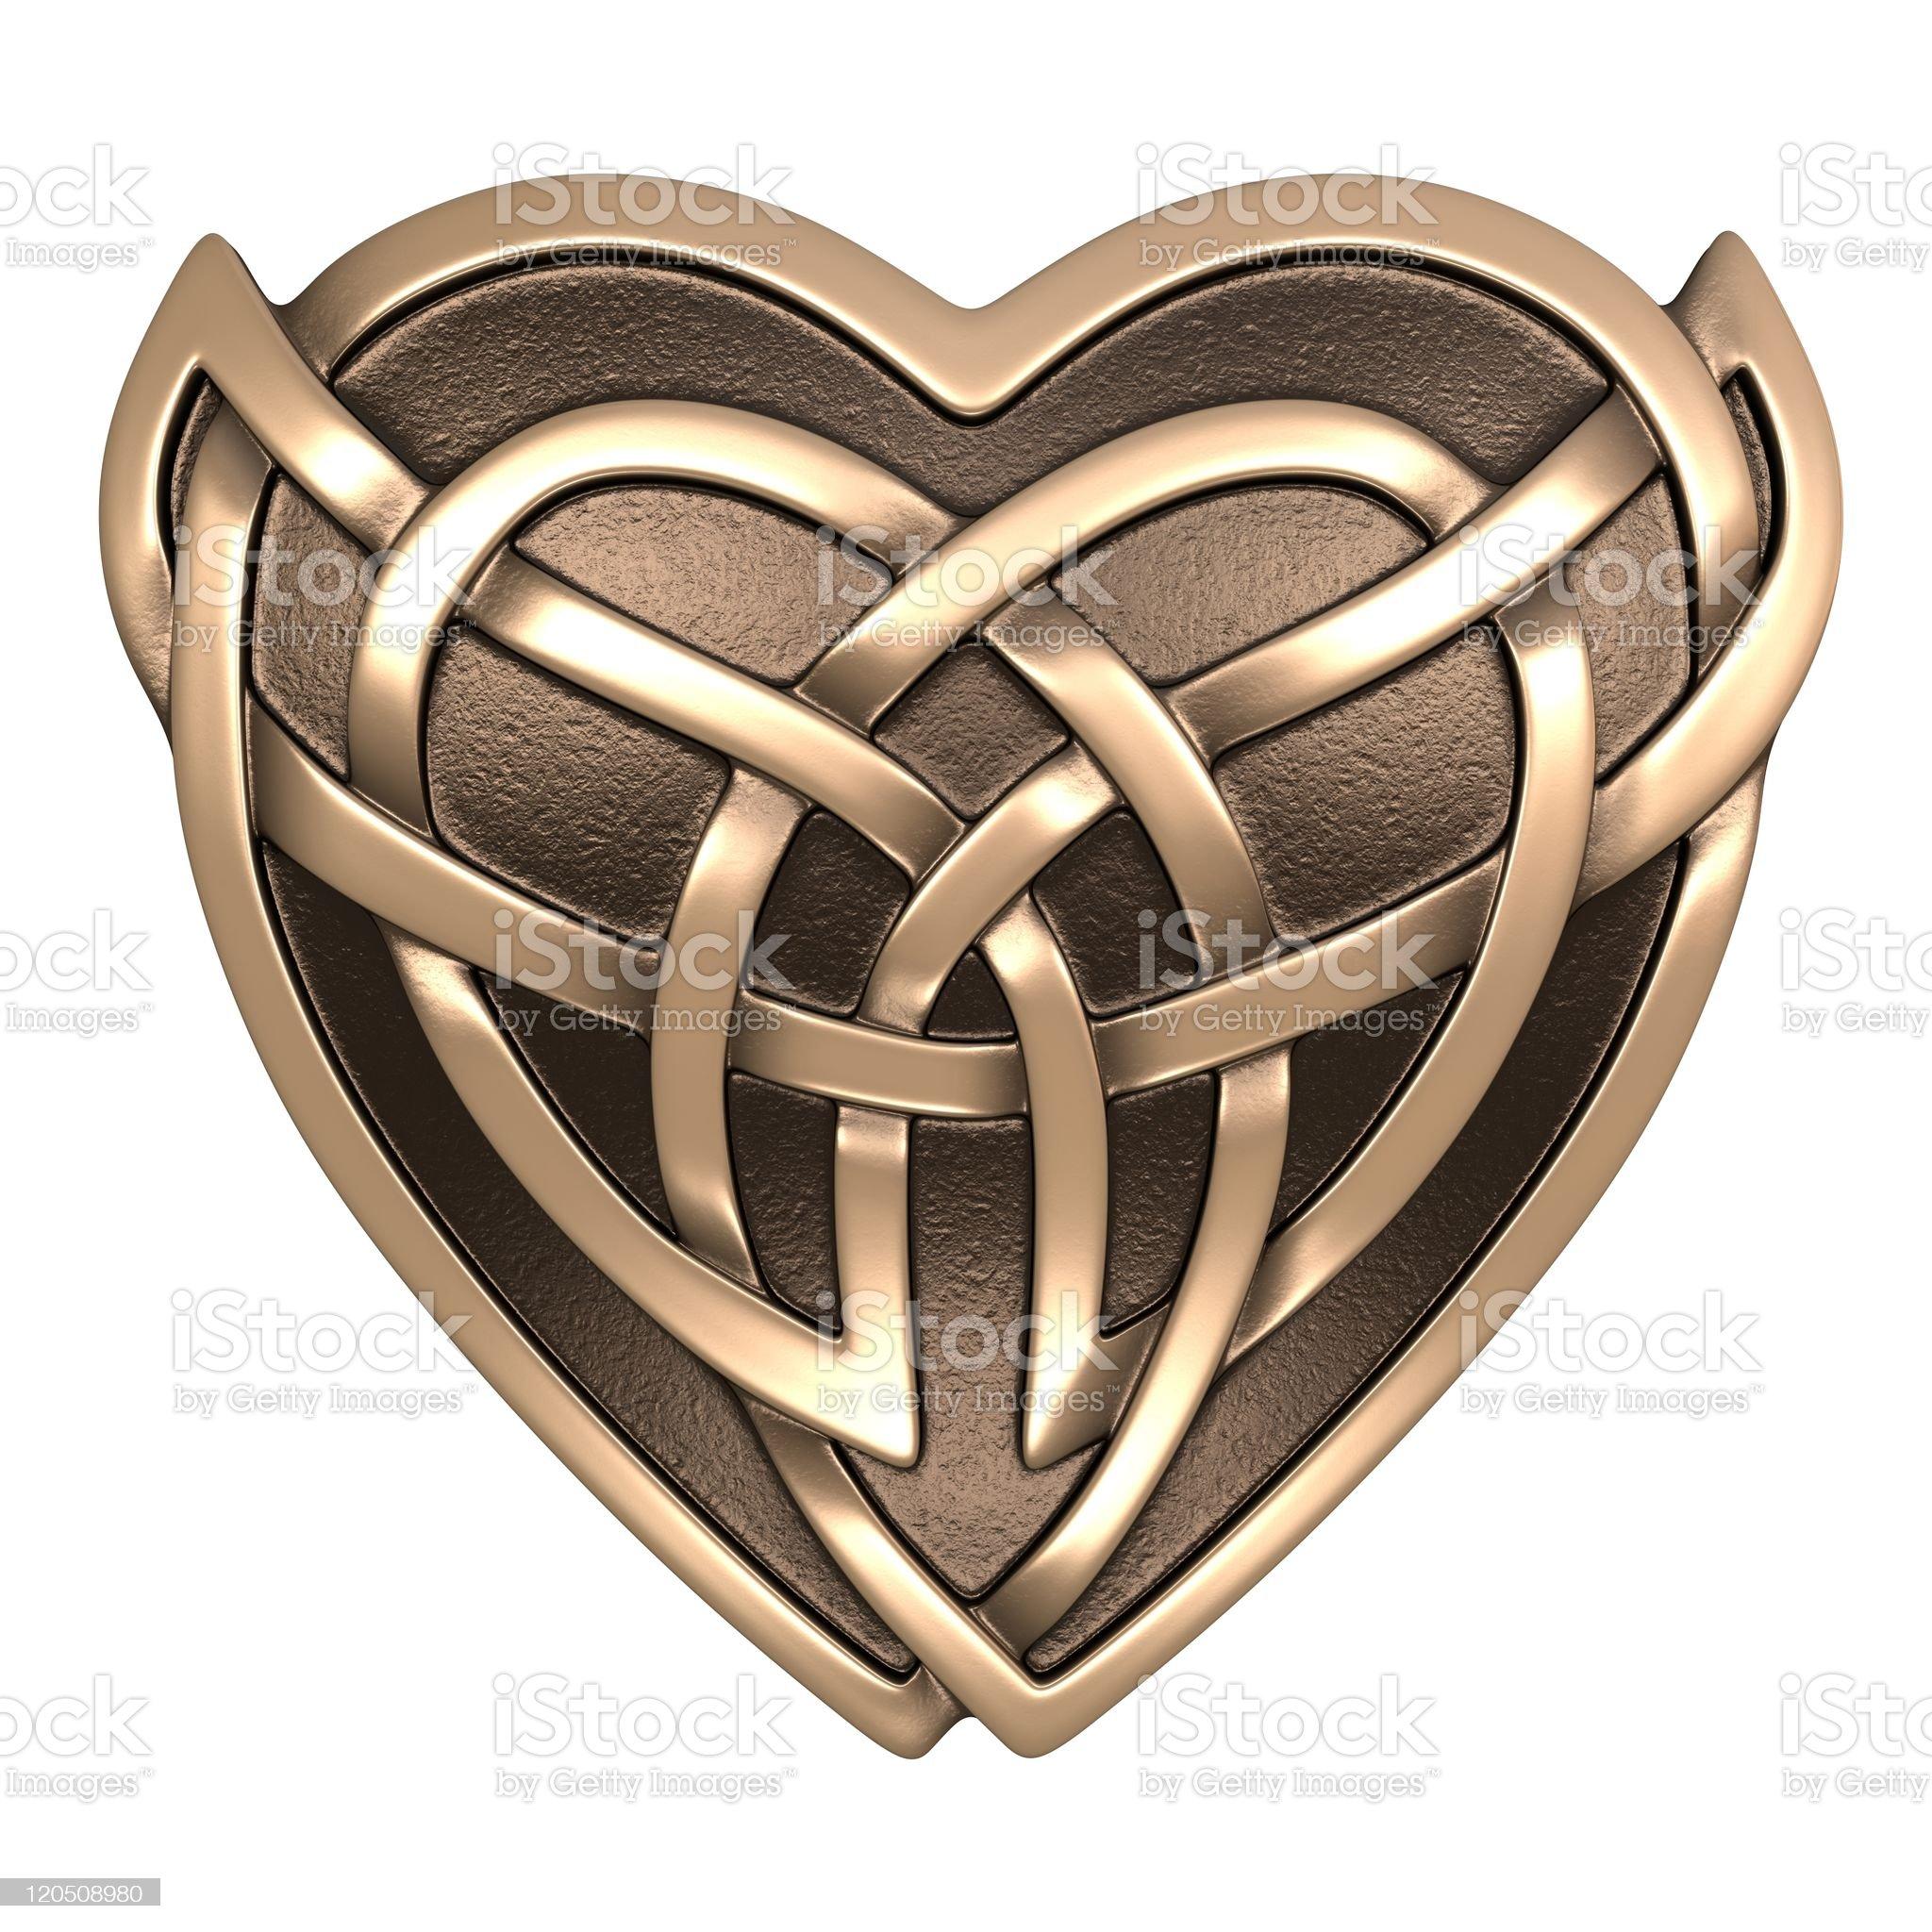 Celtic heart royalty-free stock photo